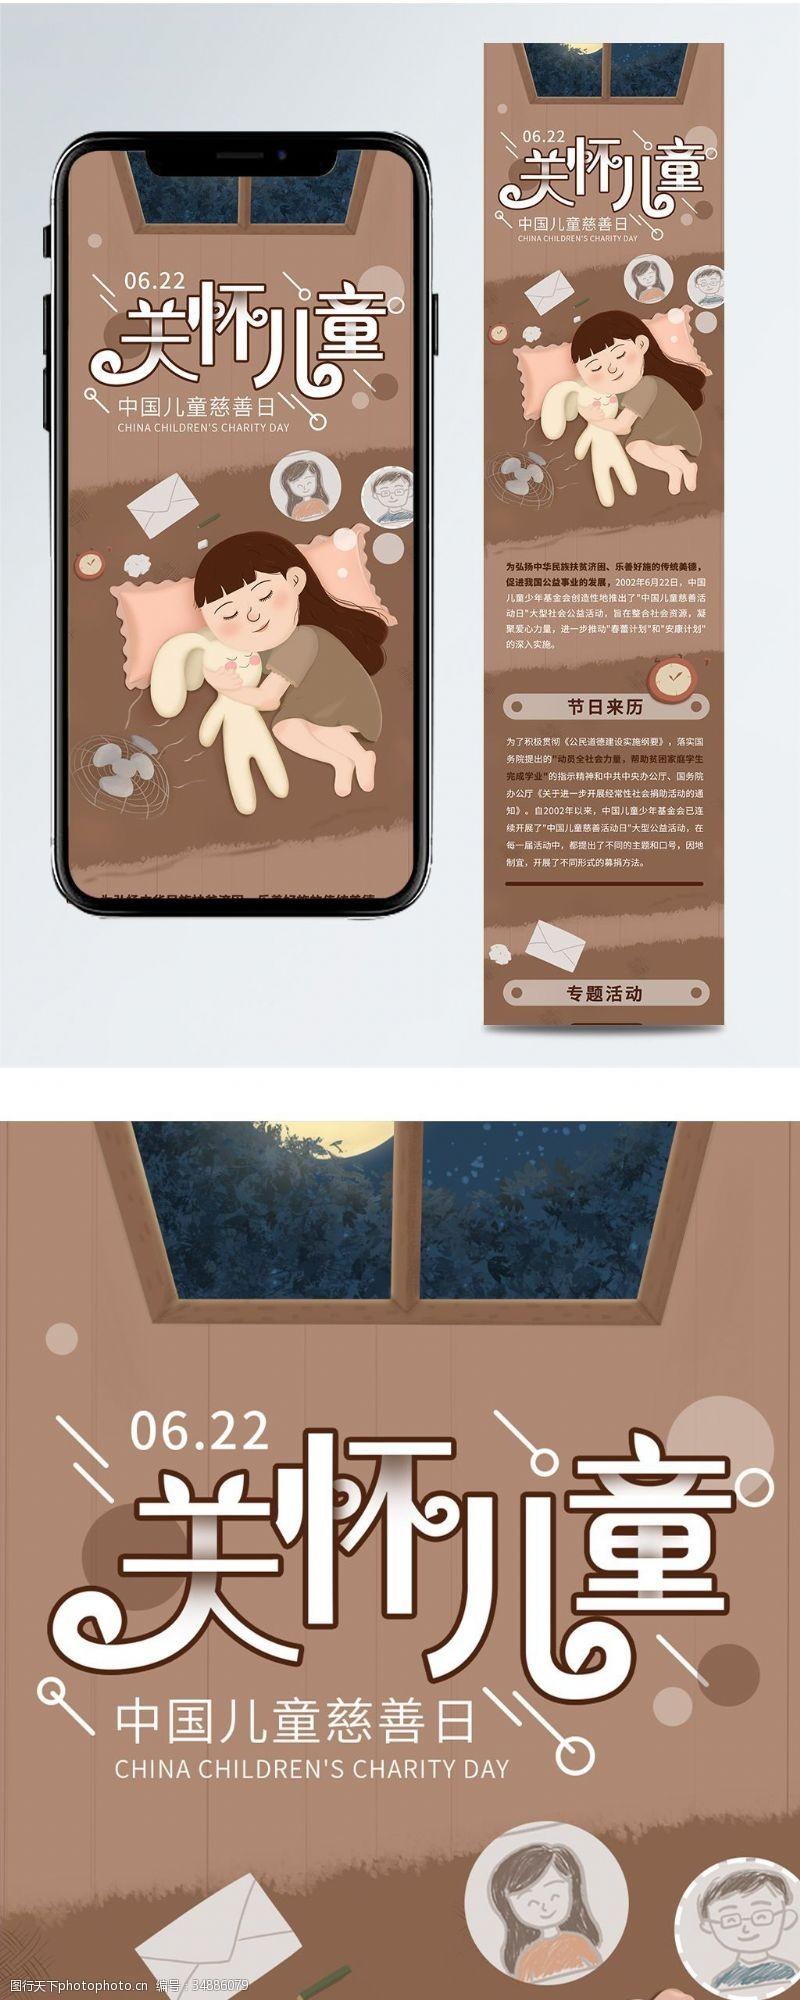 手机微信配图关怀留守儿童中国儿童慈善日信息长图